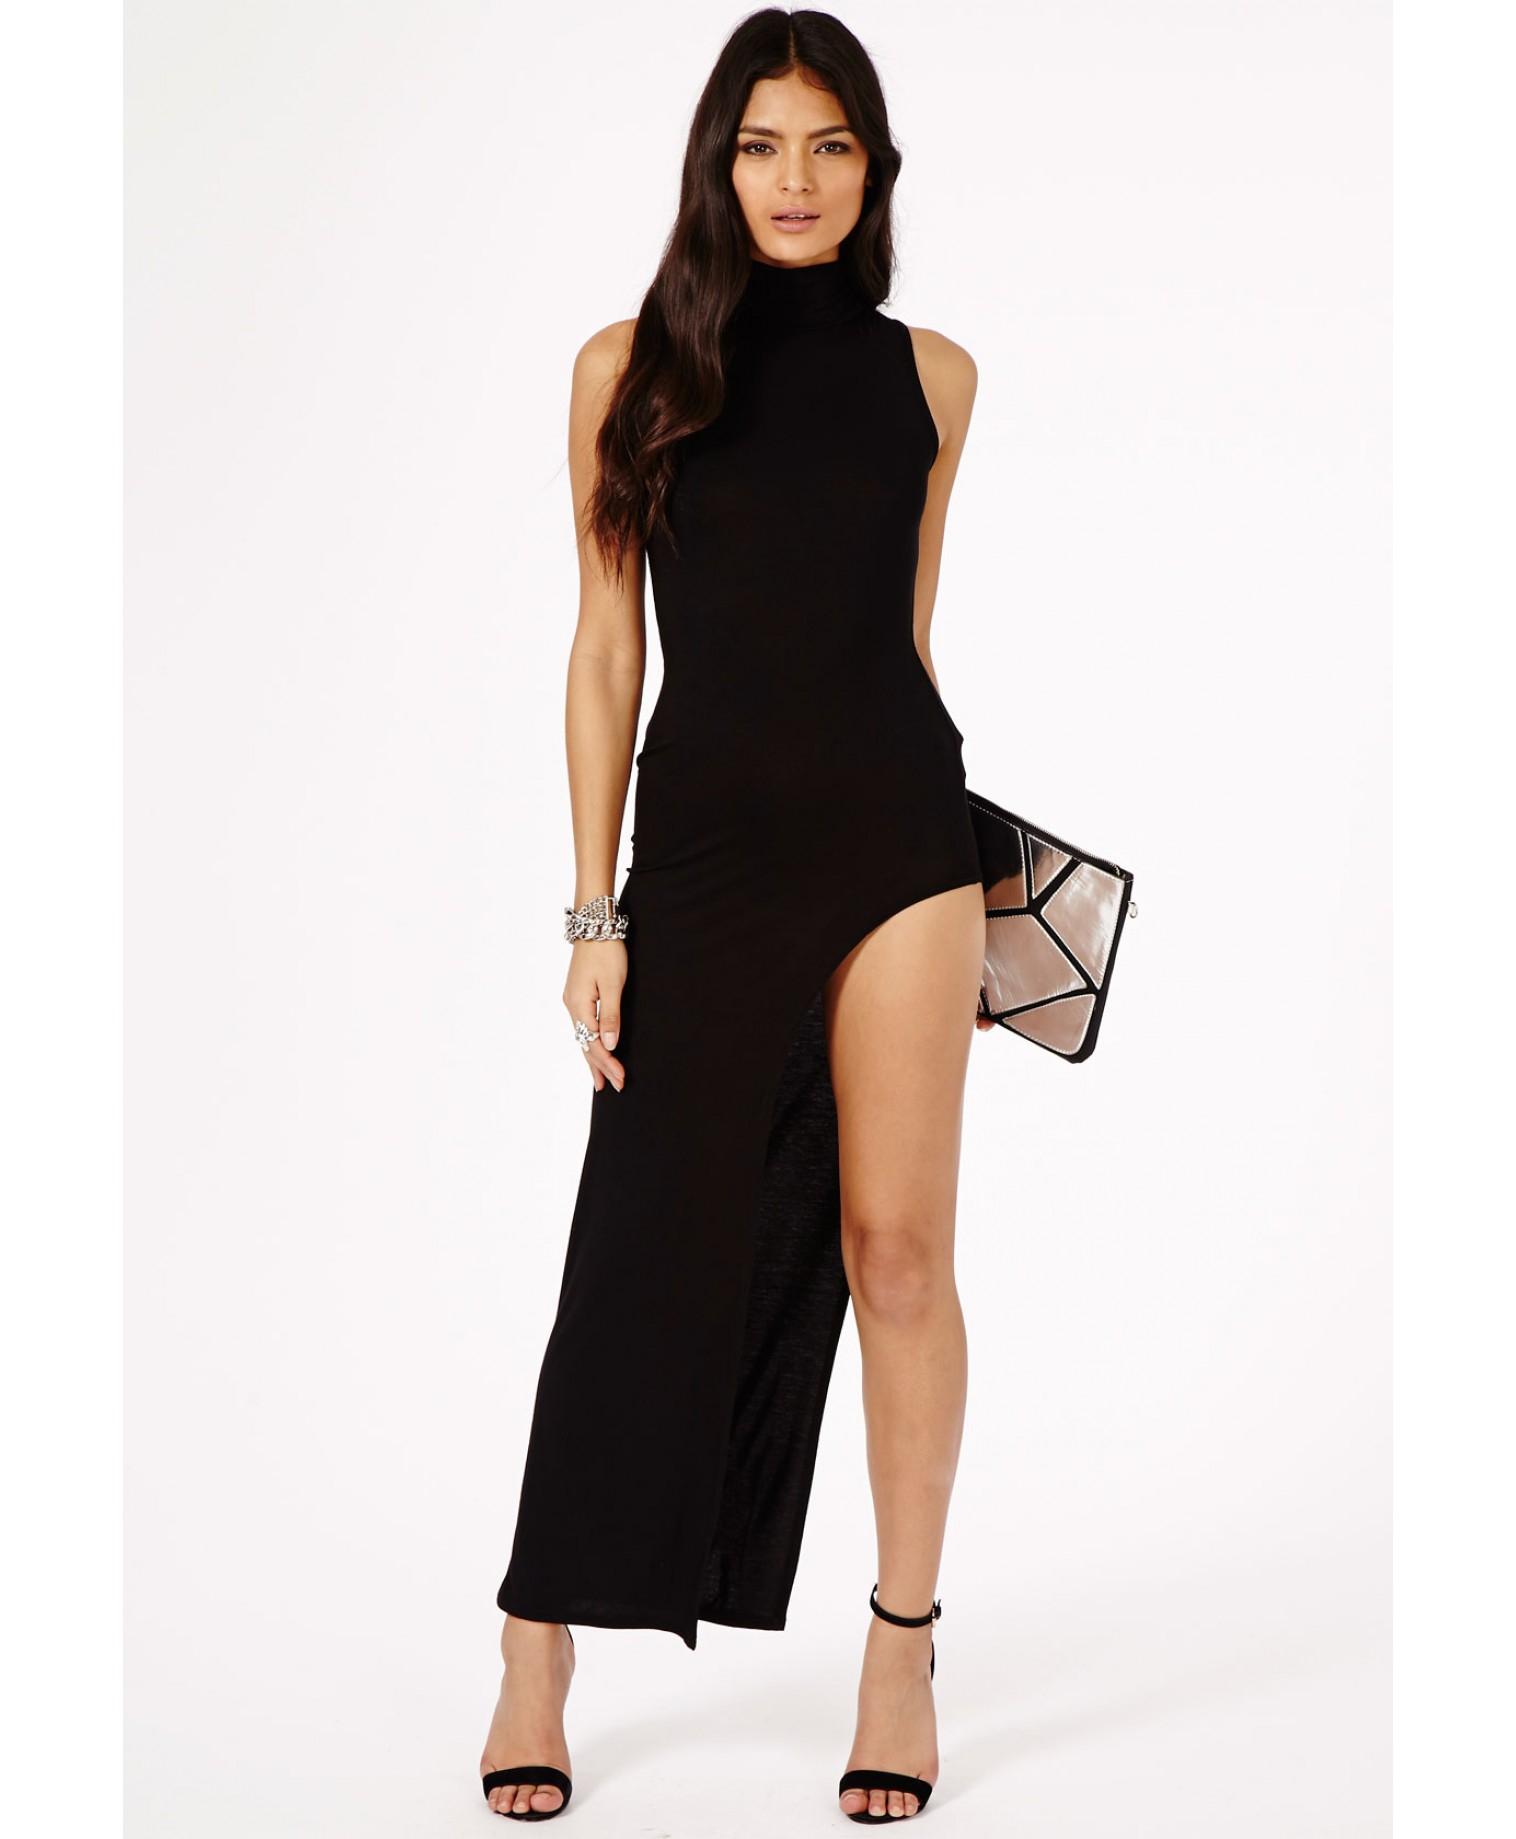 Black dress side split